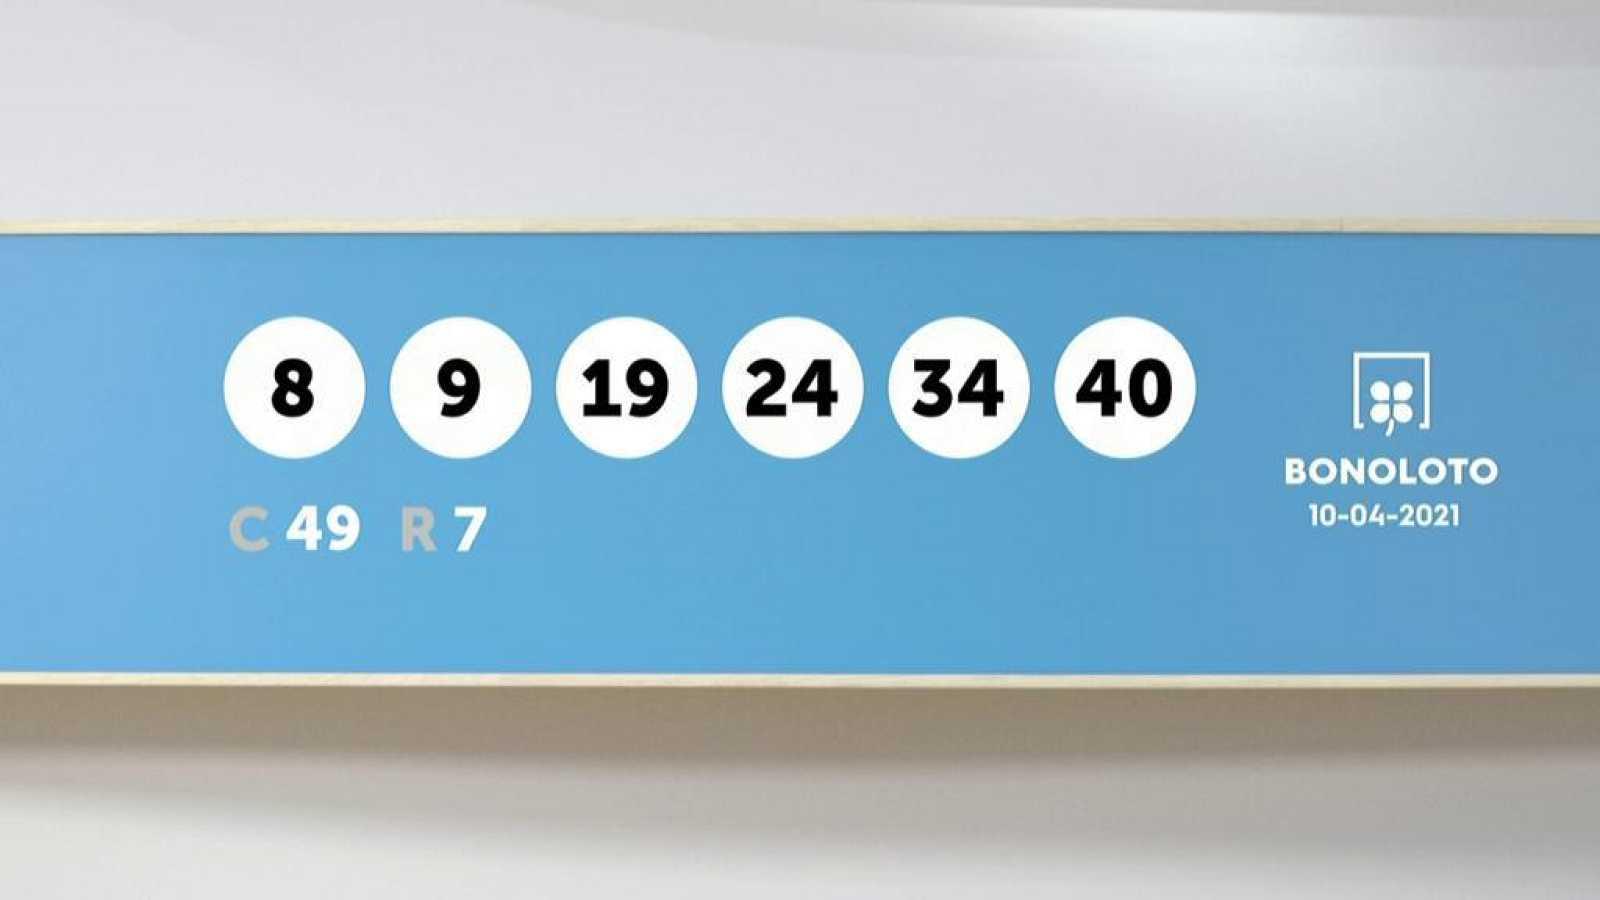 Sorteo de la Lotería Bonoloto del 10/04/2021 - Ver ahora